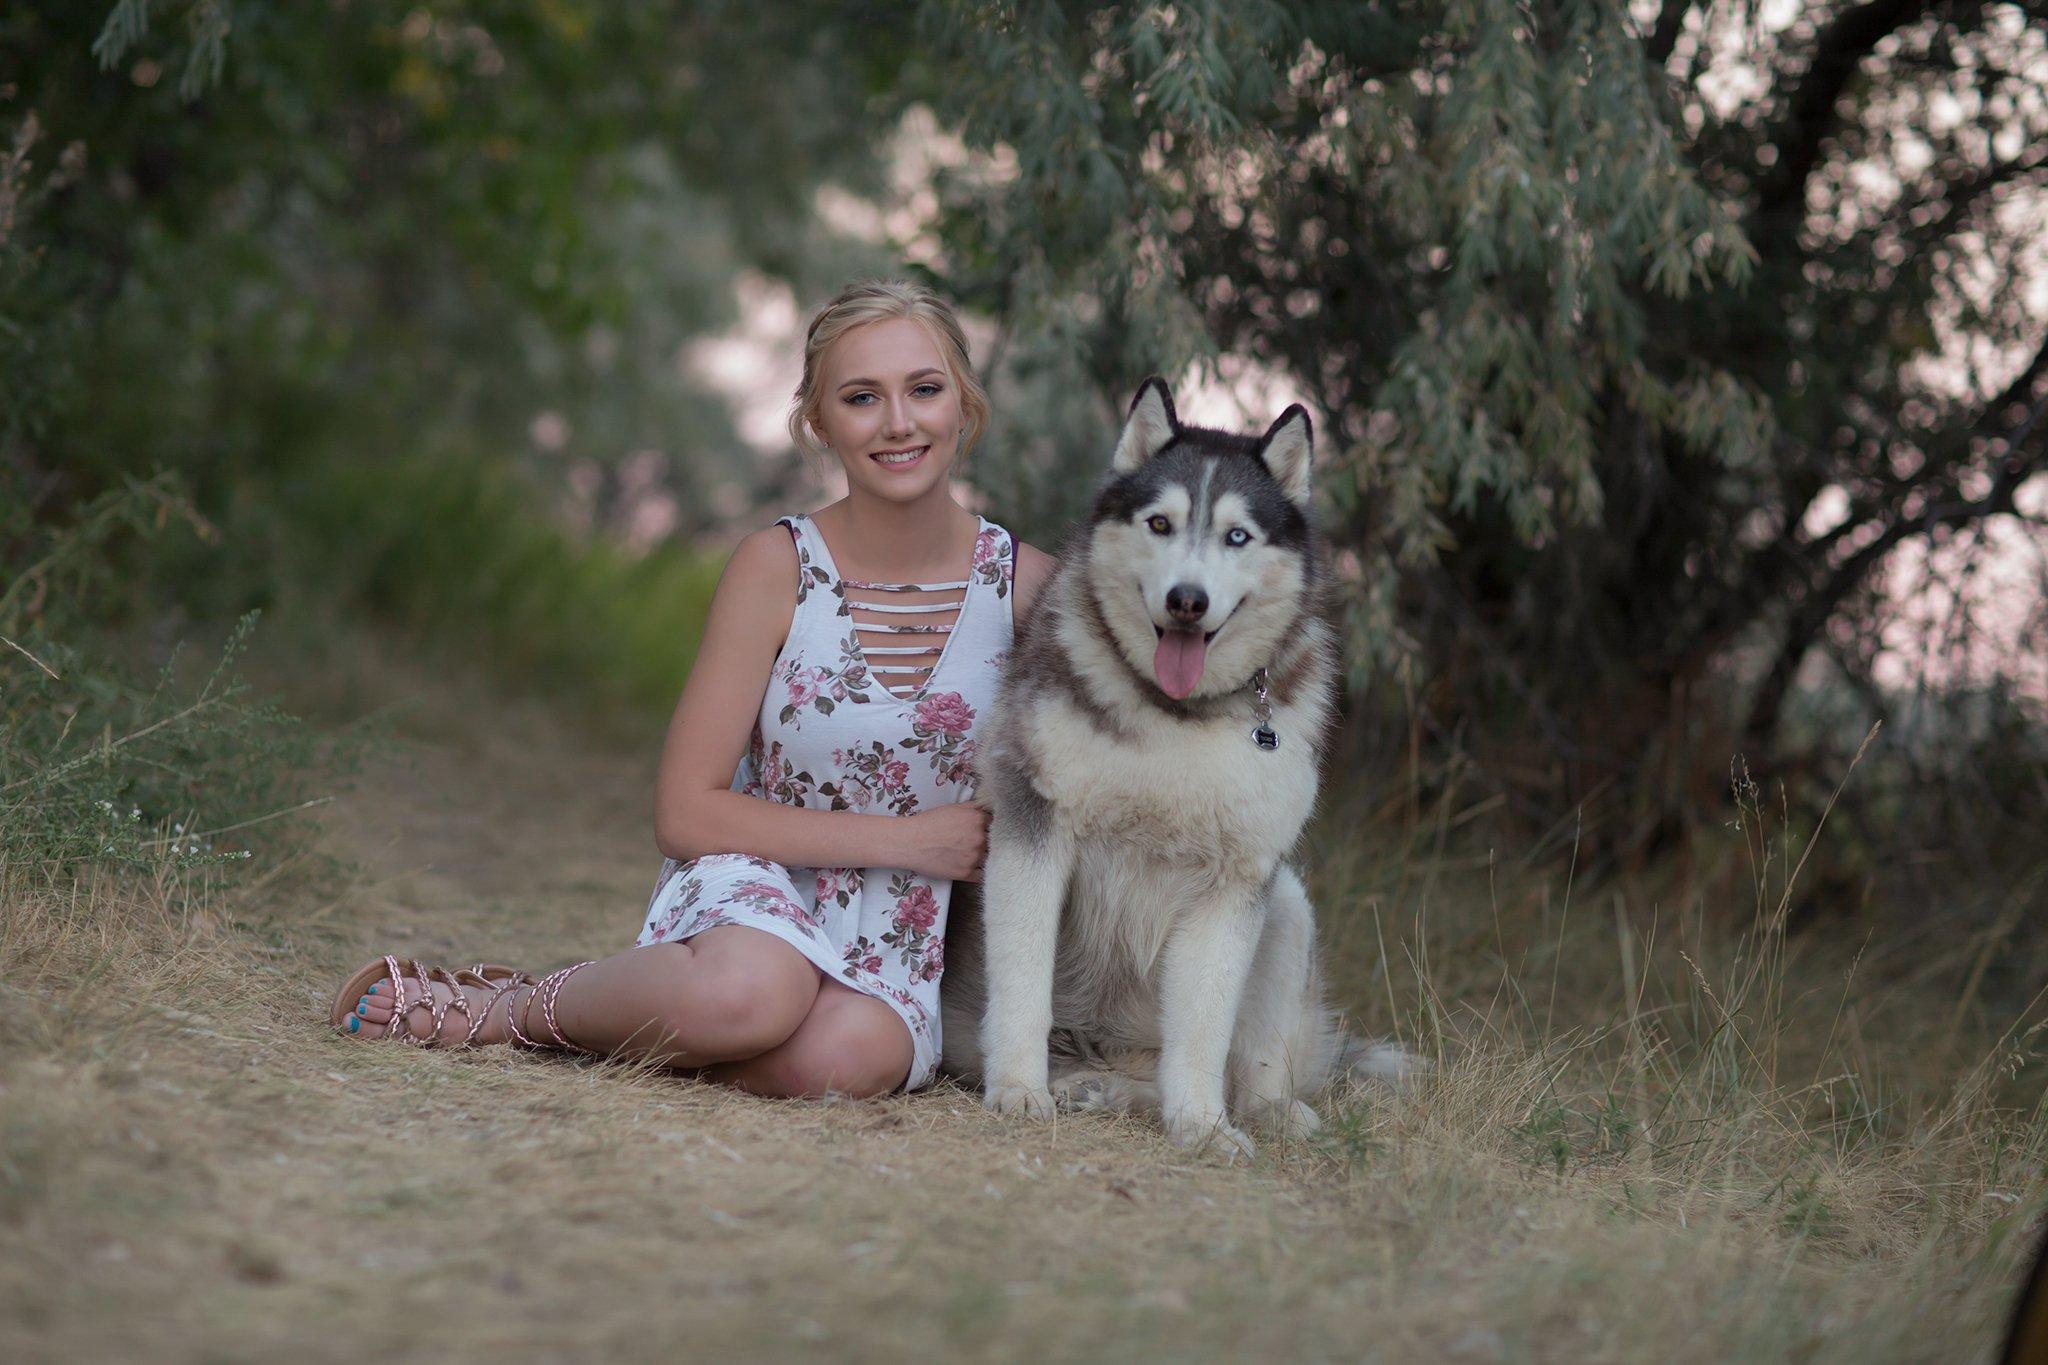 Pretty Presets White Balance Auto Preset agregado a la foto de una niña con vestido de flores sentada junto a un perro huskie